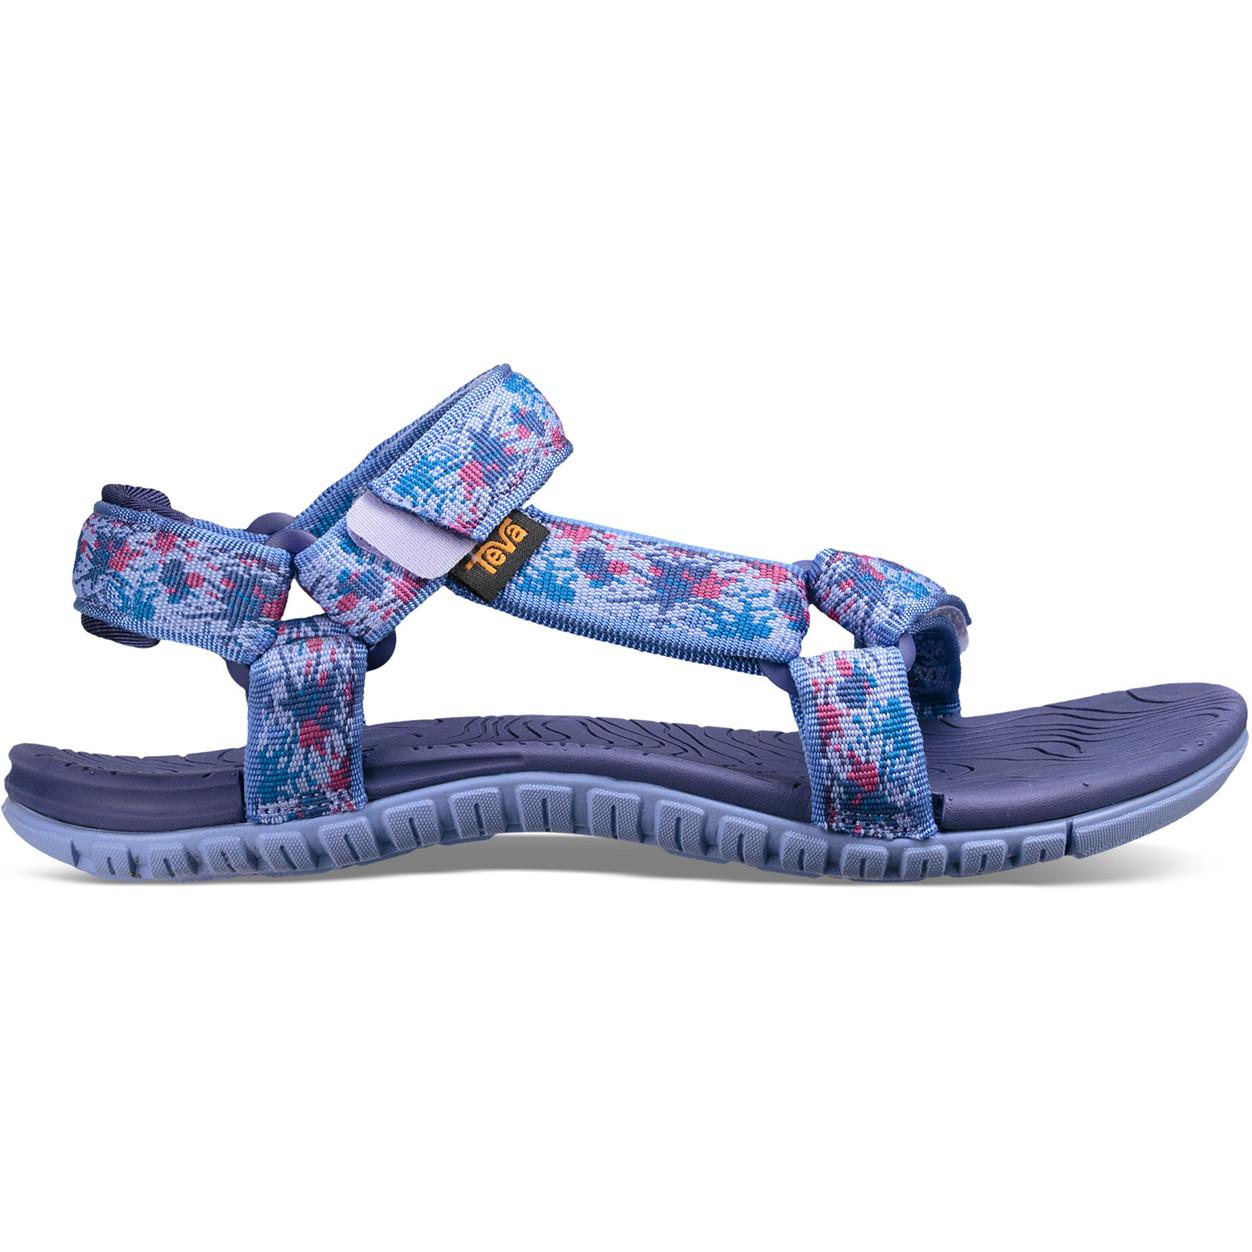 Teva Sandalen & Schoenen van Webtogs